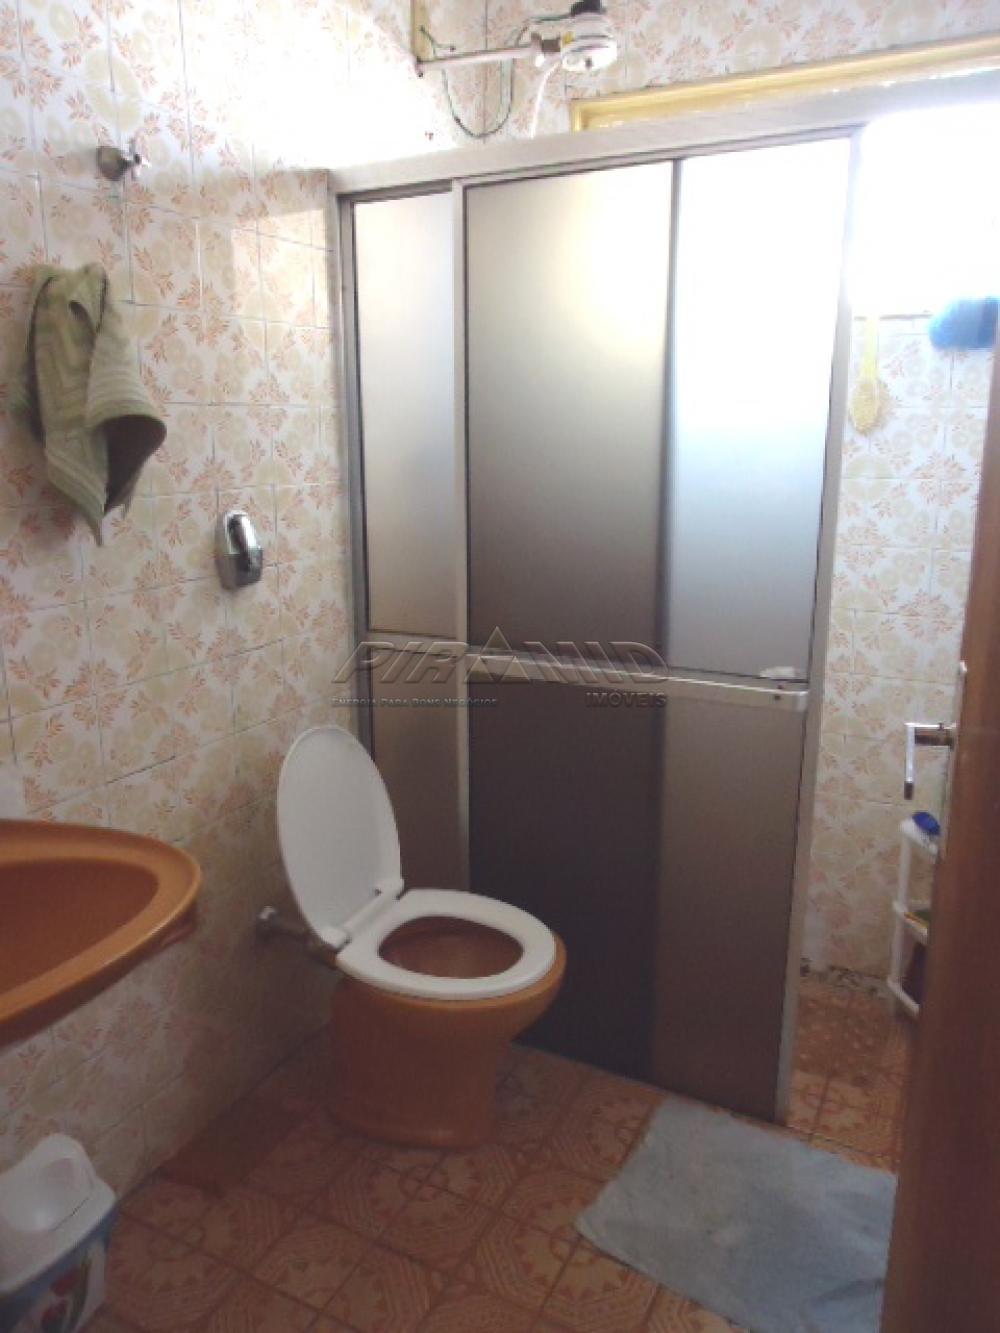 Comprar Casa / Padrão em Ribeirão Preto R$ 286.000,00 - Foto 6